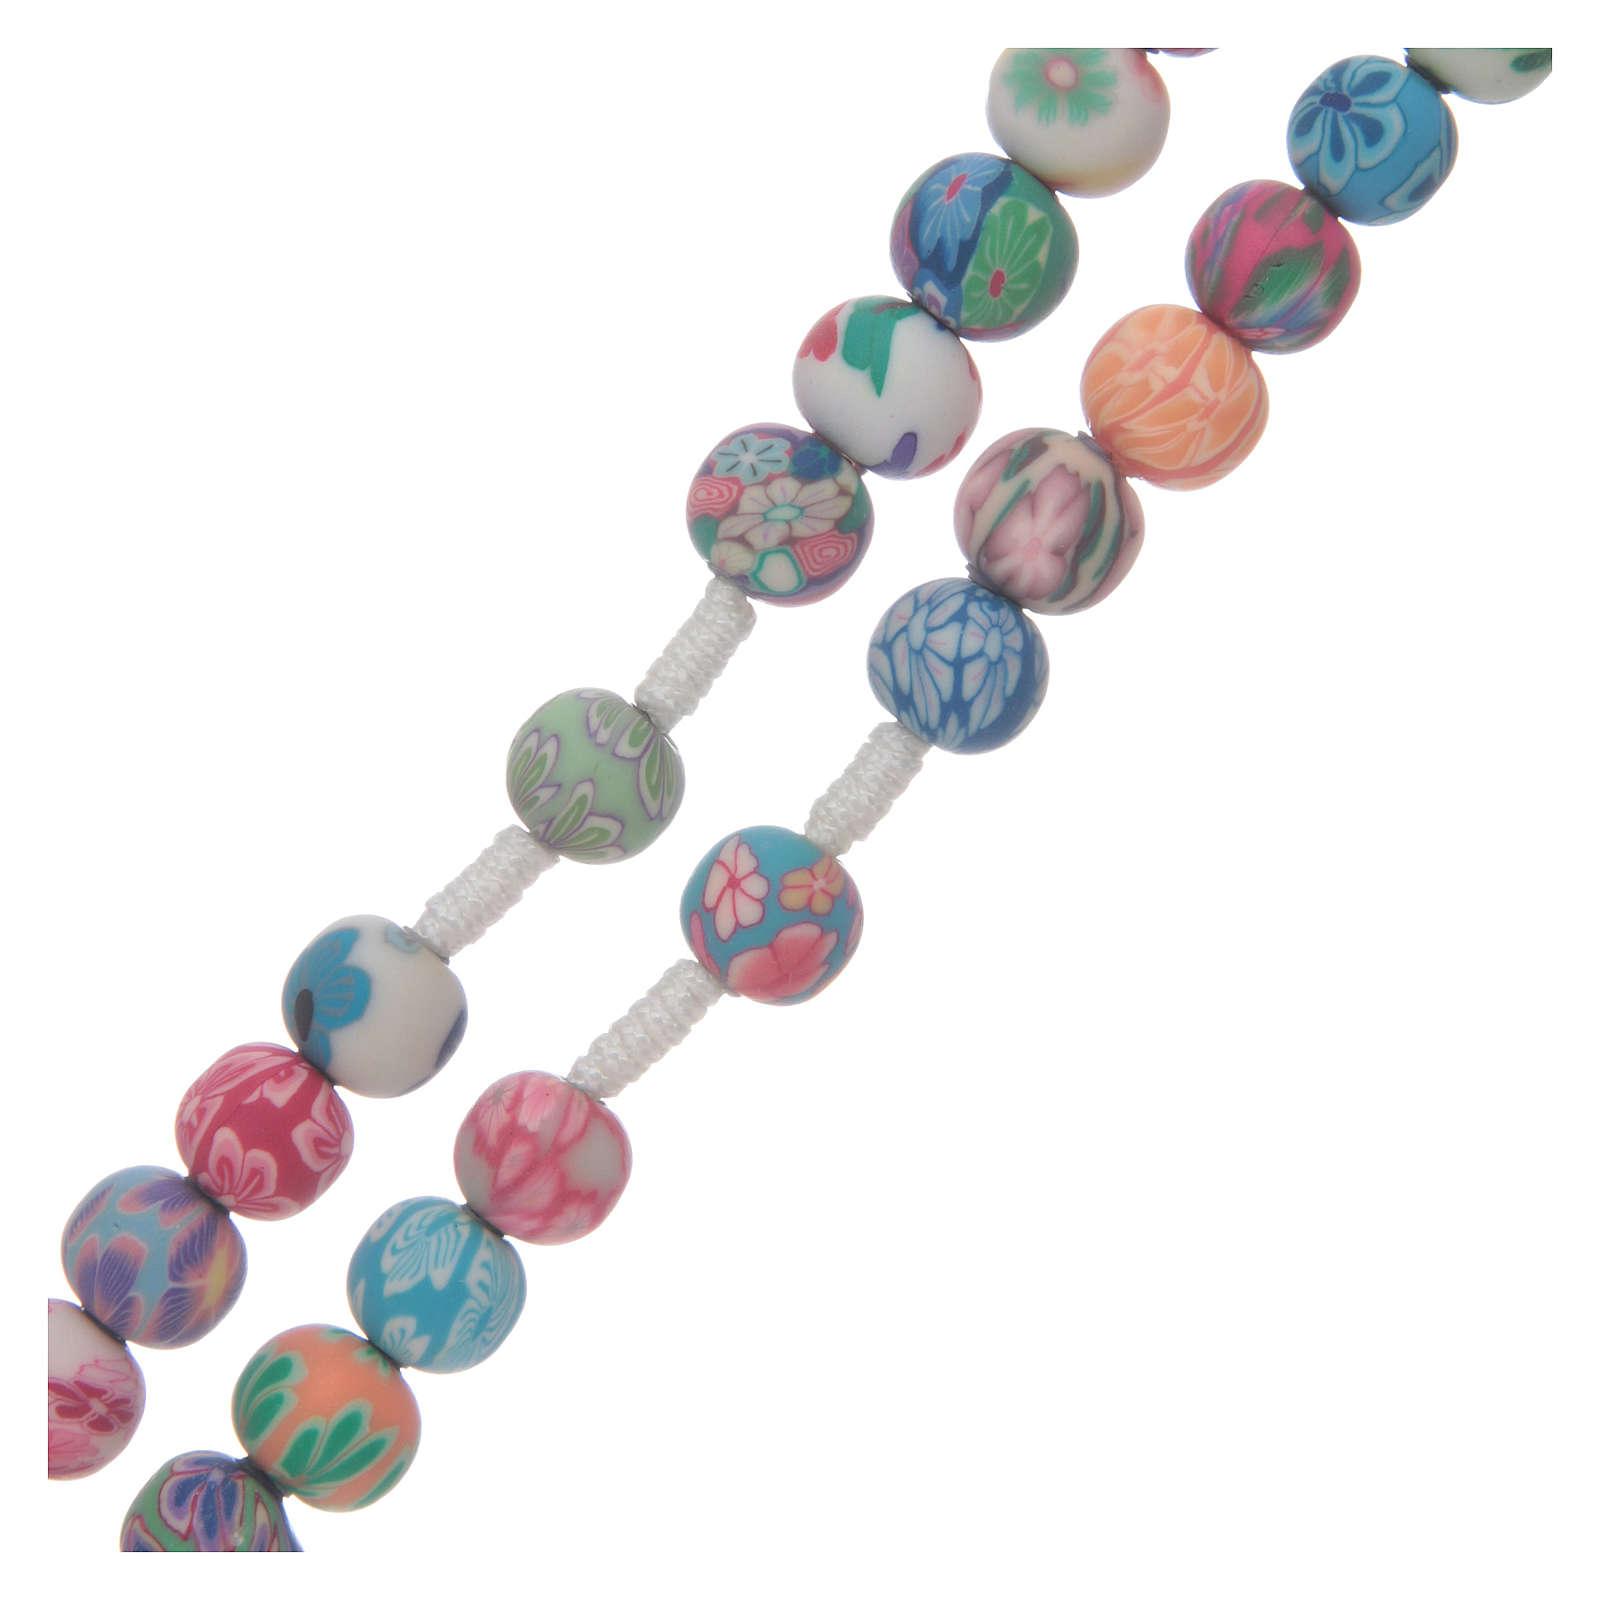 Terço Medjugorje fimo multicolore 4